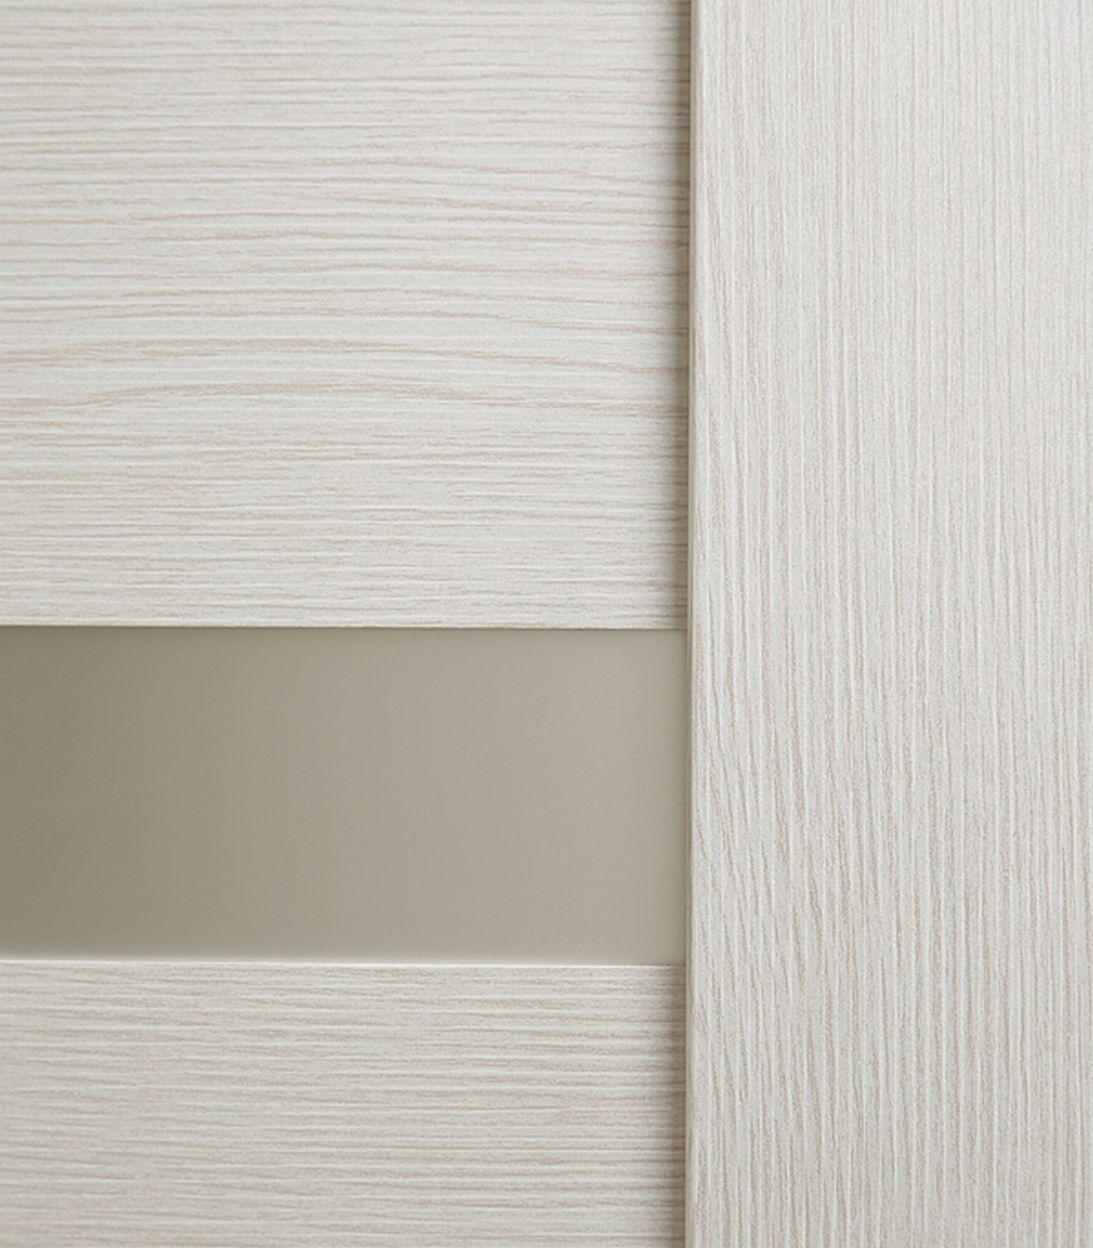 Дверное полотно Принцип ЛАЙТ 24 лиственница белая со стеклом экошпон 600x2000 мм фото